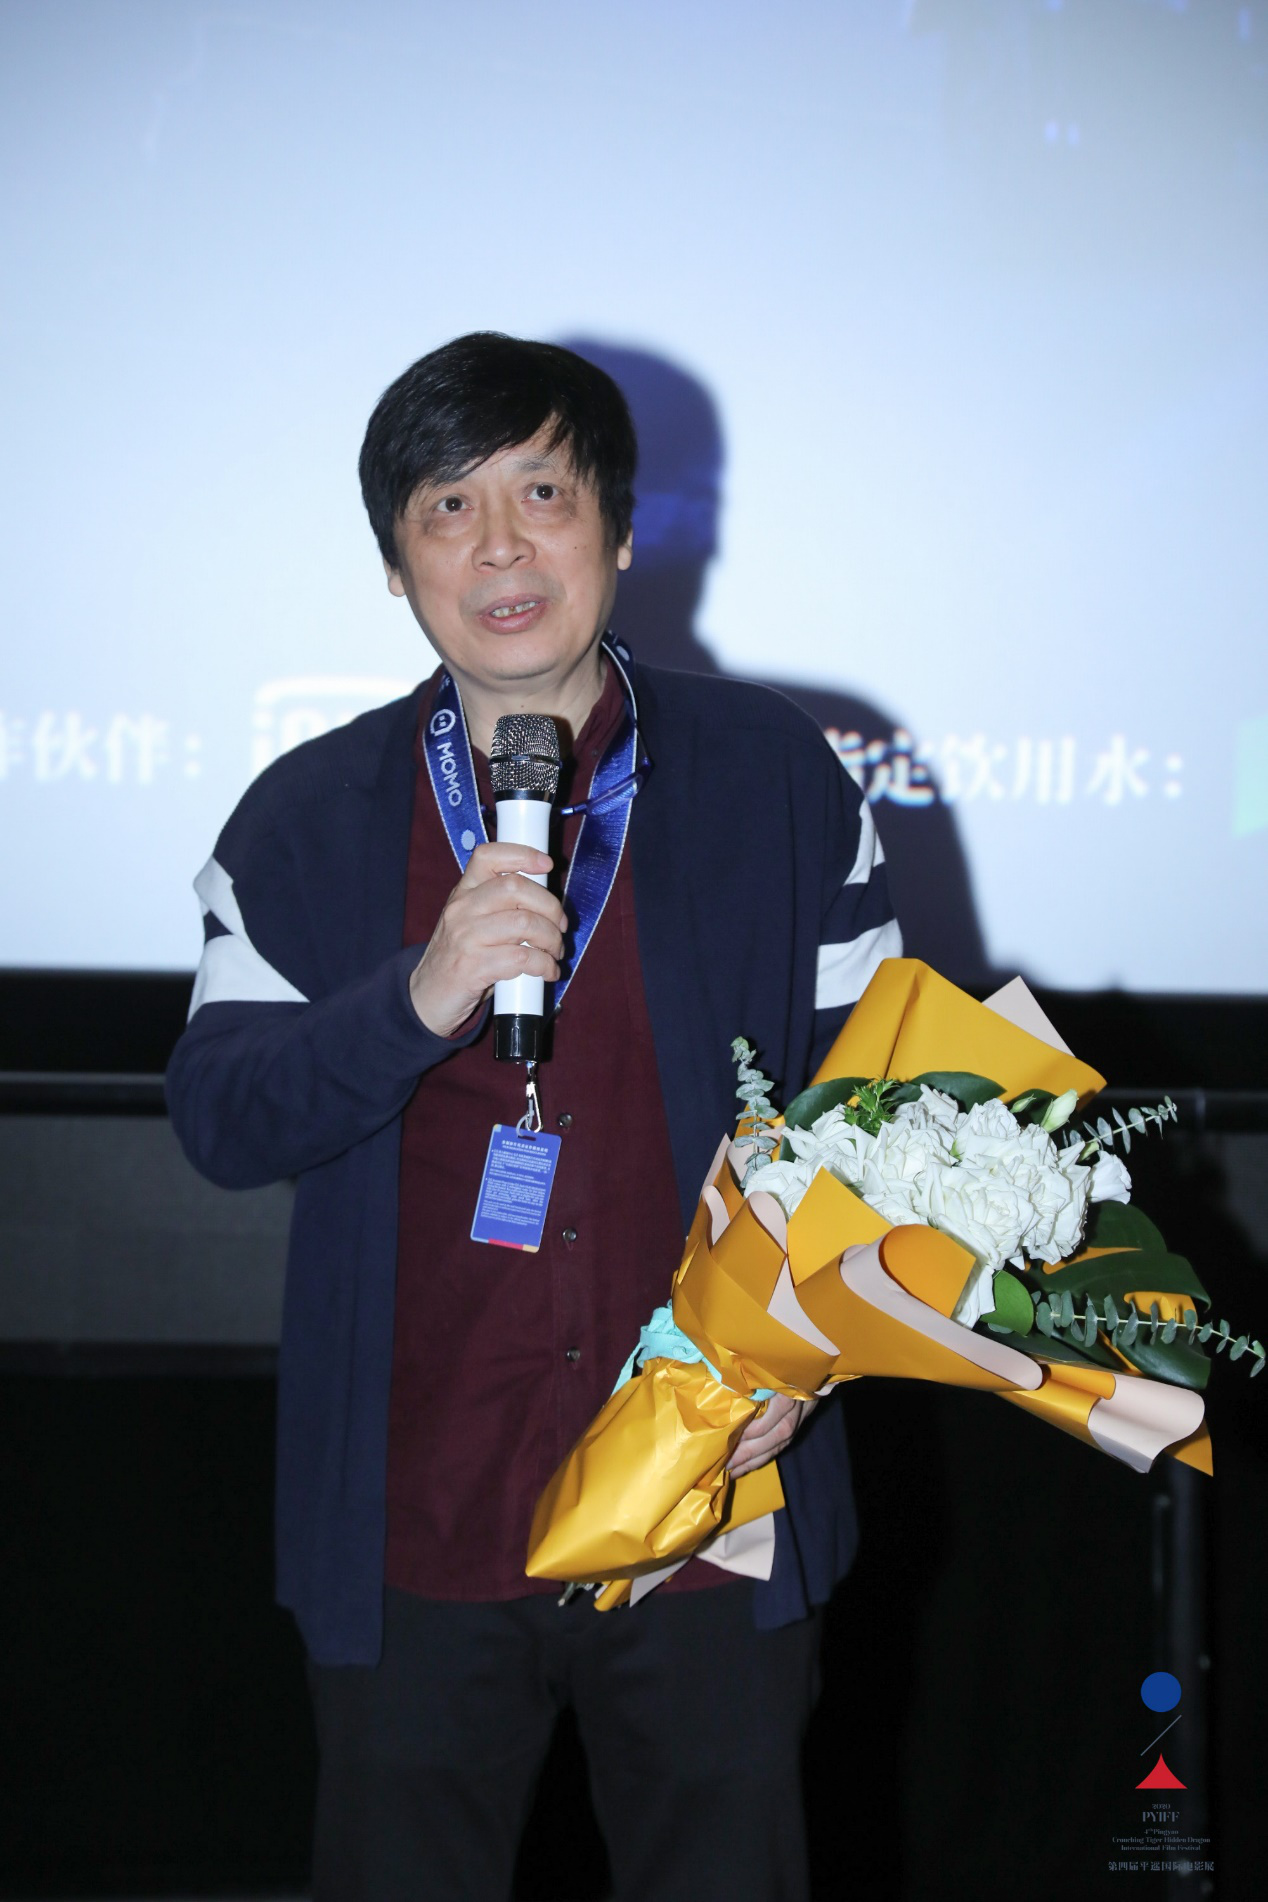 范小天导演电影《纸骑兵》平遥影展全球首映 热议不断备受关注